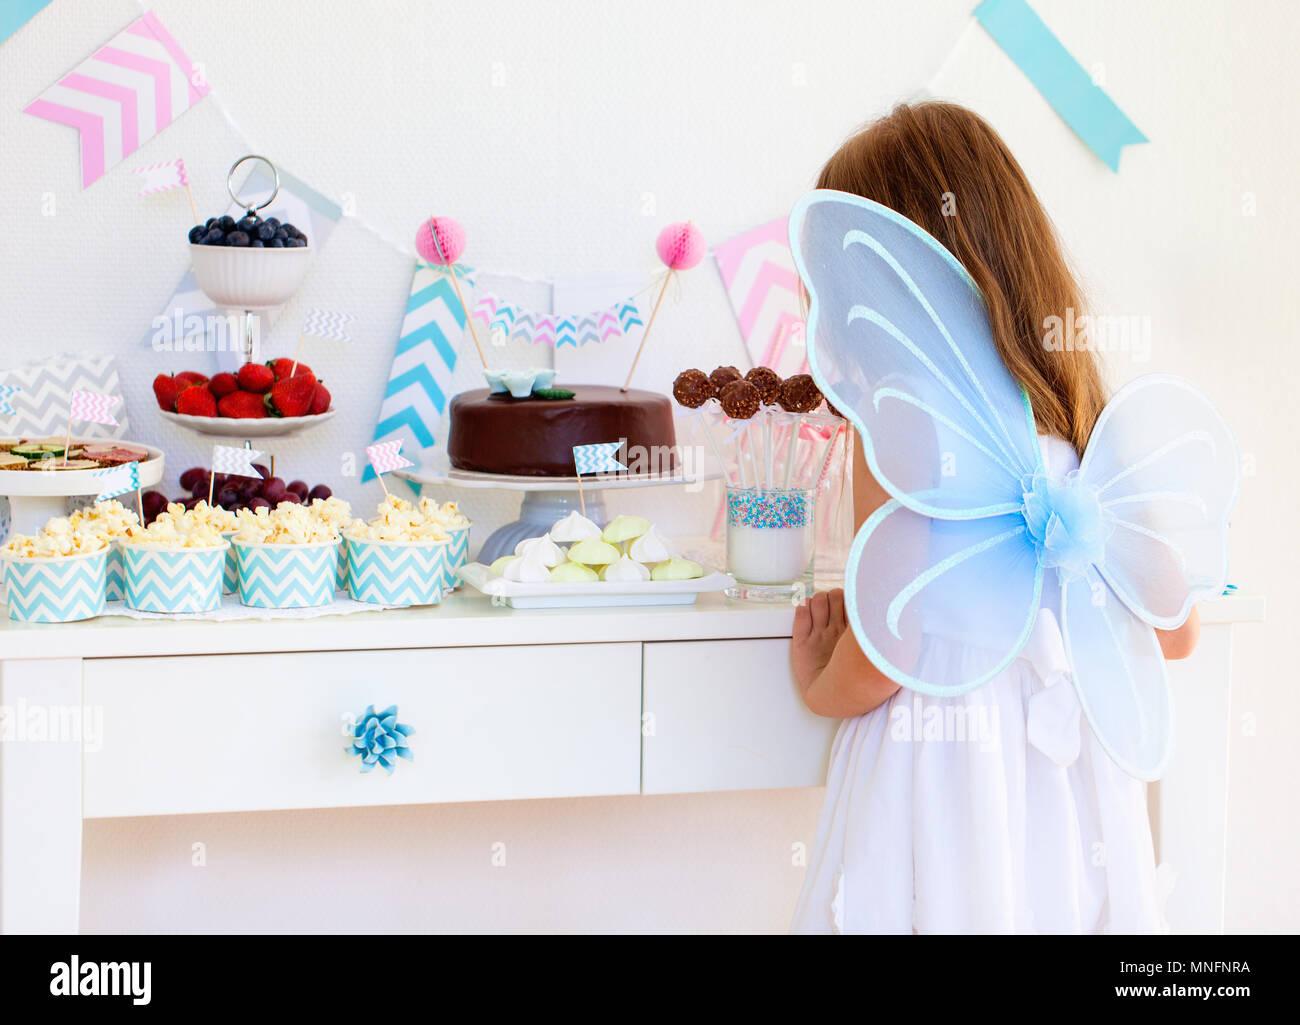 Adorabili poco fata ragazza con ali in una festa di compleanno vicino a tavola da dessert Immagini Stock